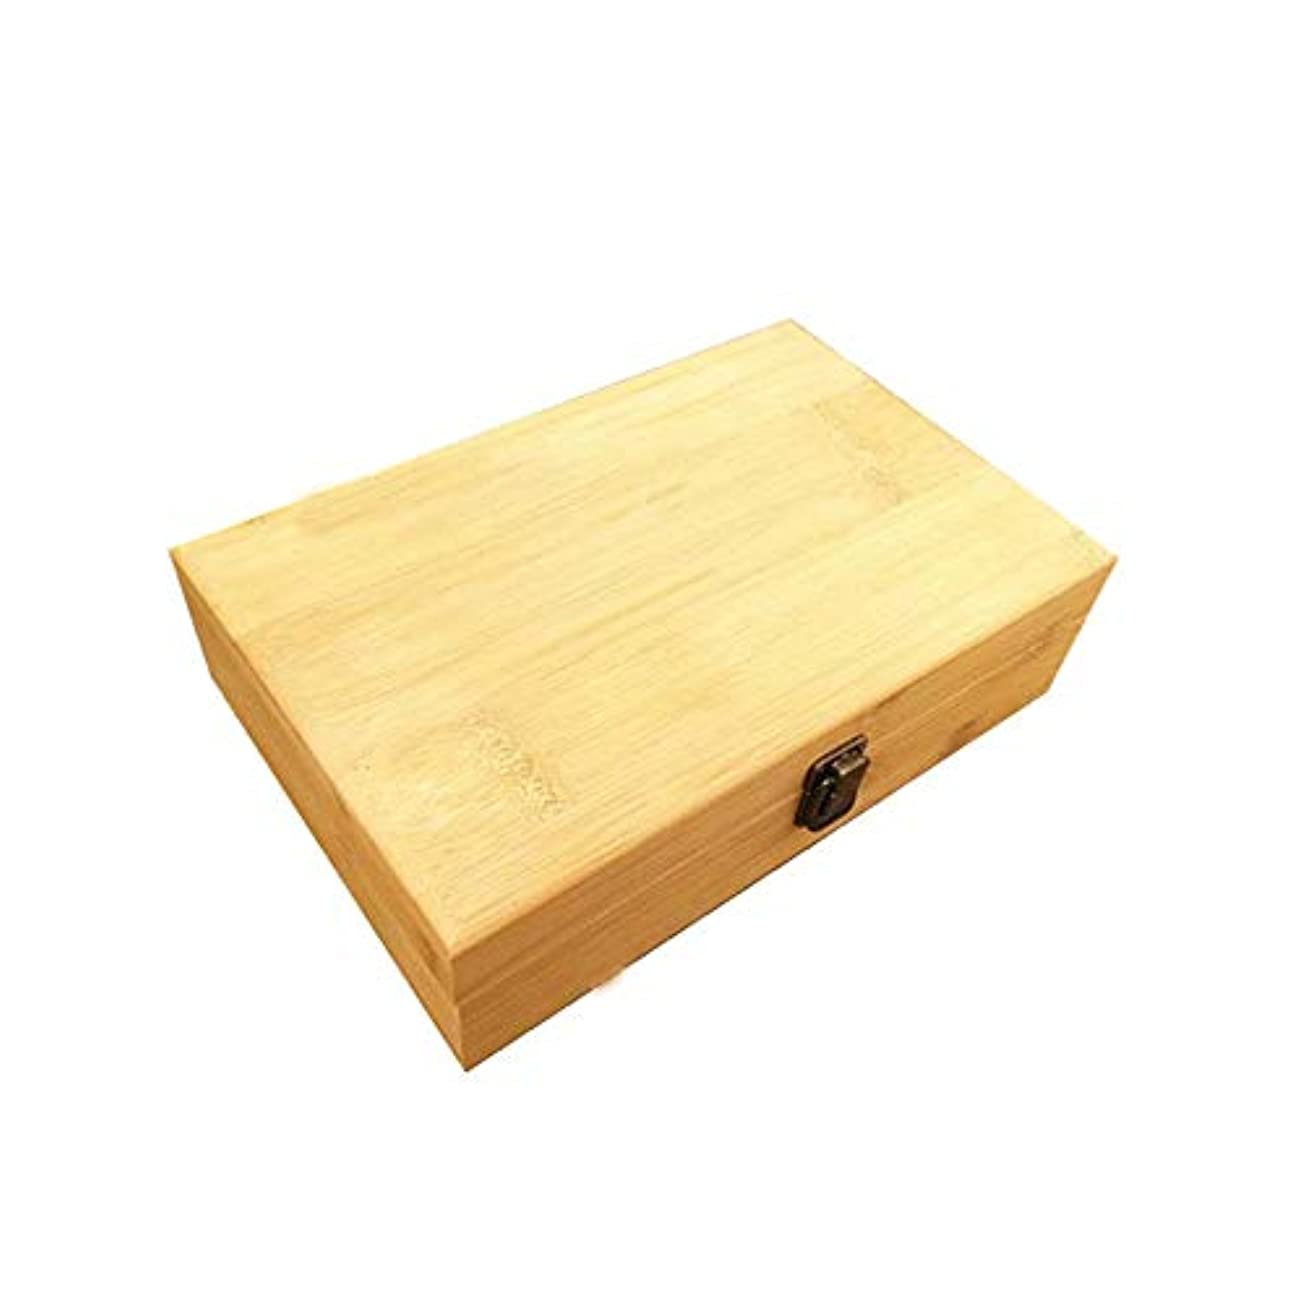 人道的嫉妬ピストンエッセンシャルオイル収納ボックス 40スロットエッセンシャルオイルボックス木製収納ケースは、40本のボトルエッセンシャルオイルスペースセーバー29x18.5x8cm成り立ちます (色 : Natural, サイズ : 29X18.5X8CM)